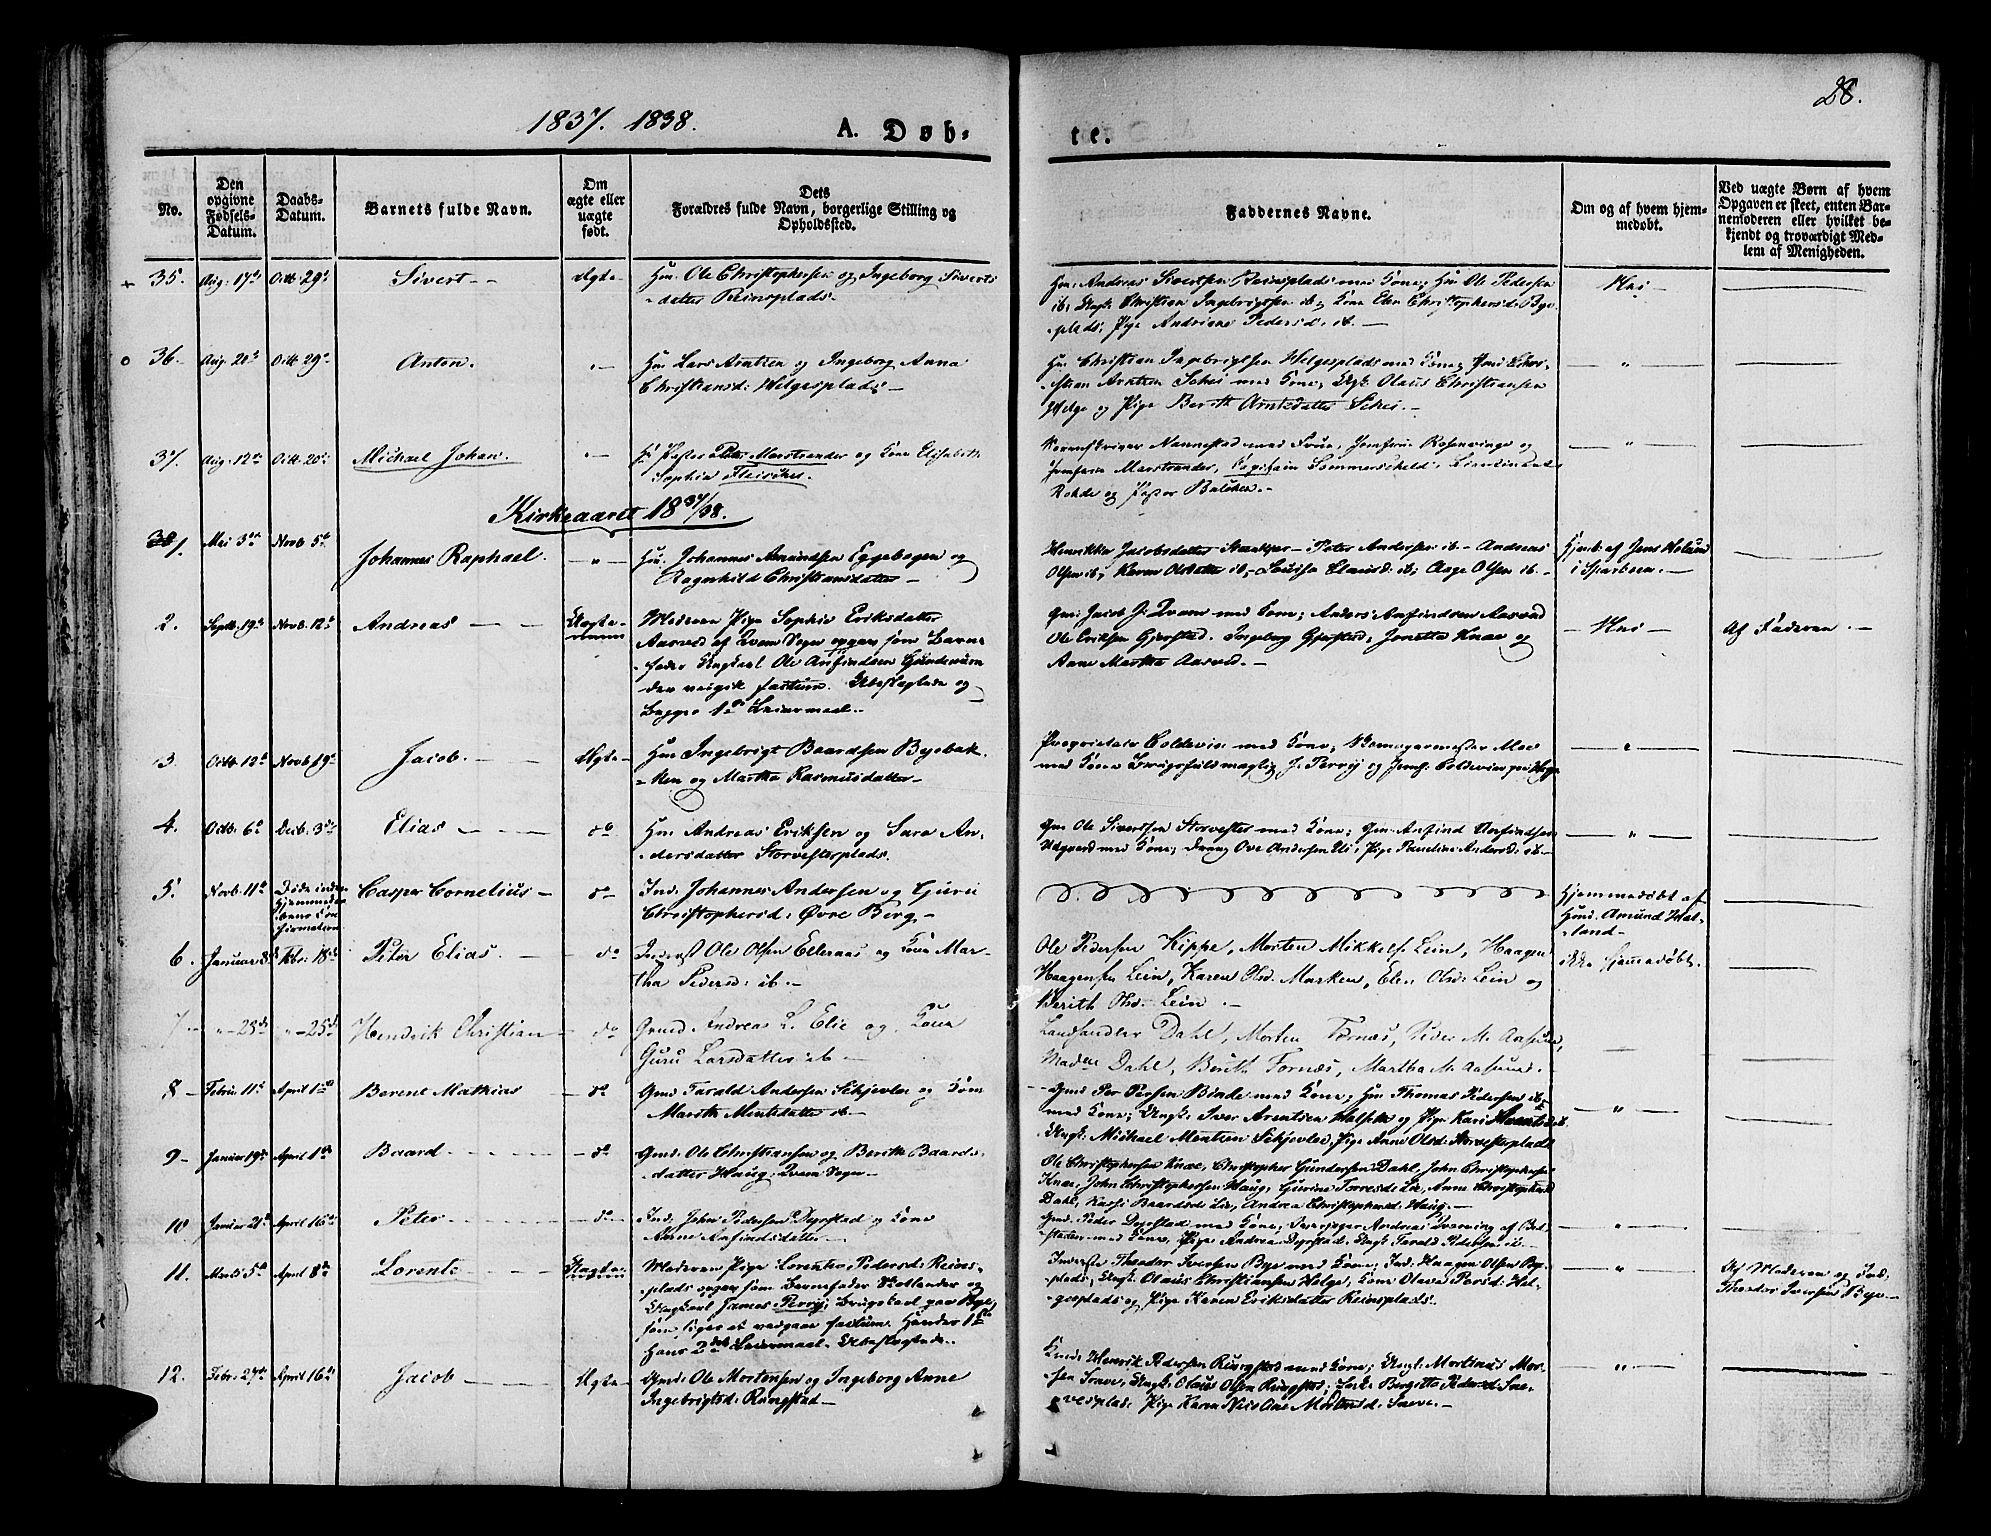 SAT, Ministerialprotokoller, klokkerbøker og fødselsregistre - Nord-Trøndelag, 746/L0445: Ministerialbok nr. 746A04, 1826-1846, s. 28